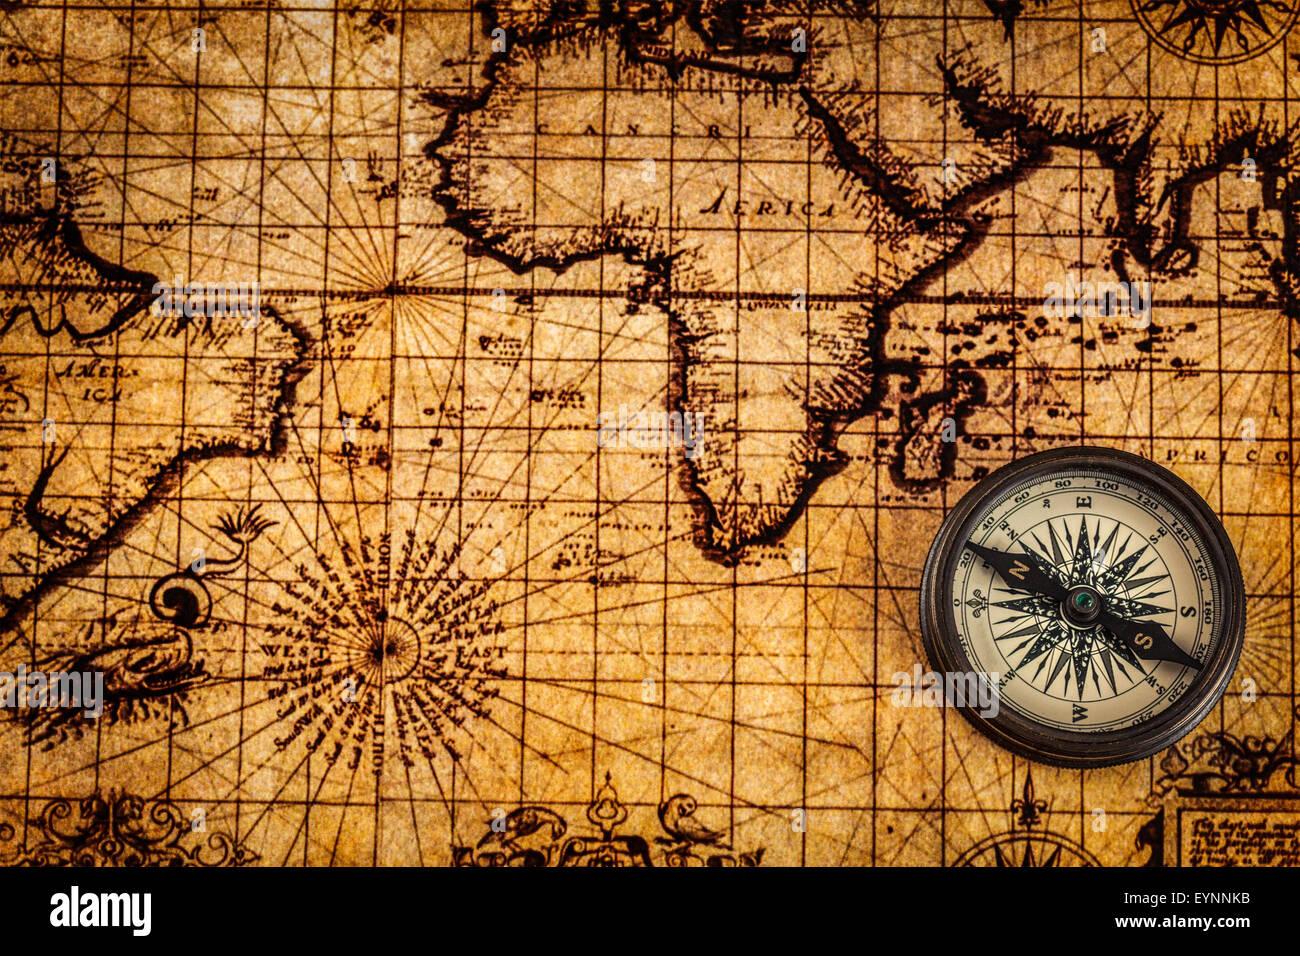 reisen sie geographie navigation konzept hintergrund alte vintage retro kompass auf alte. Black Bedroom Furniture Sets. Home Design Ideas